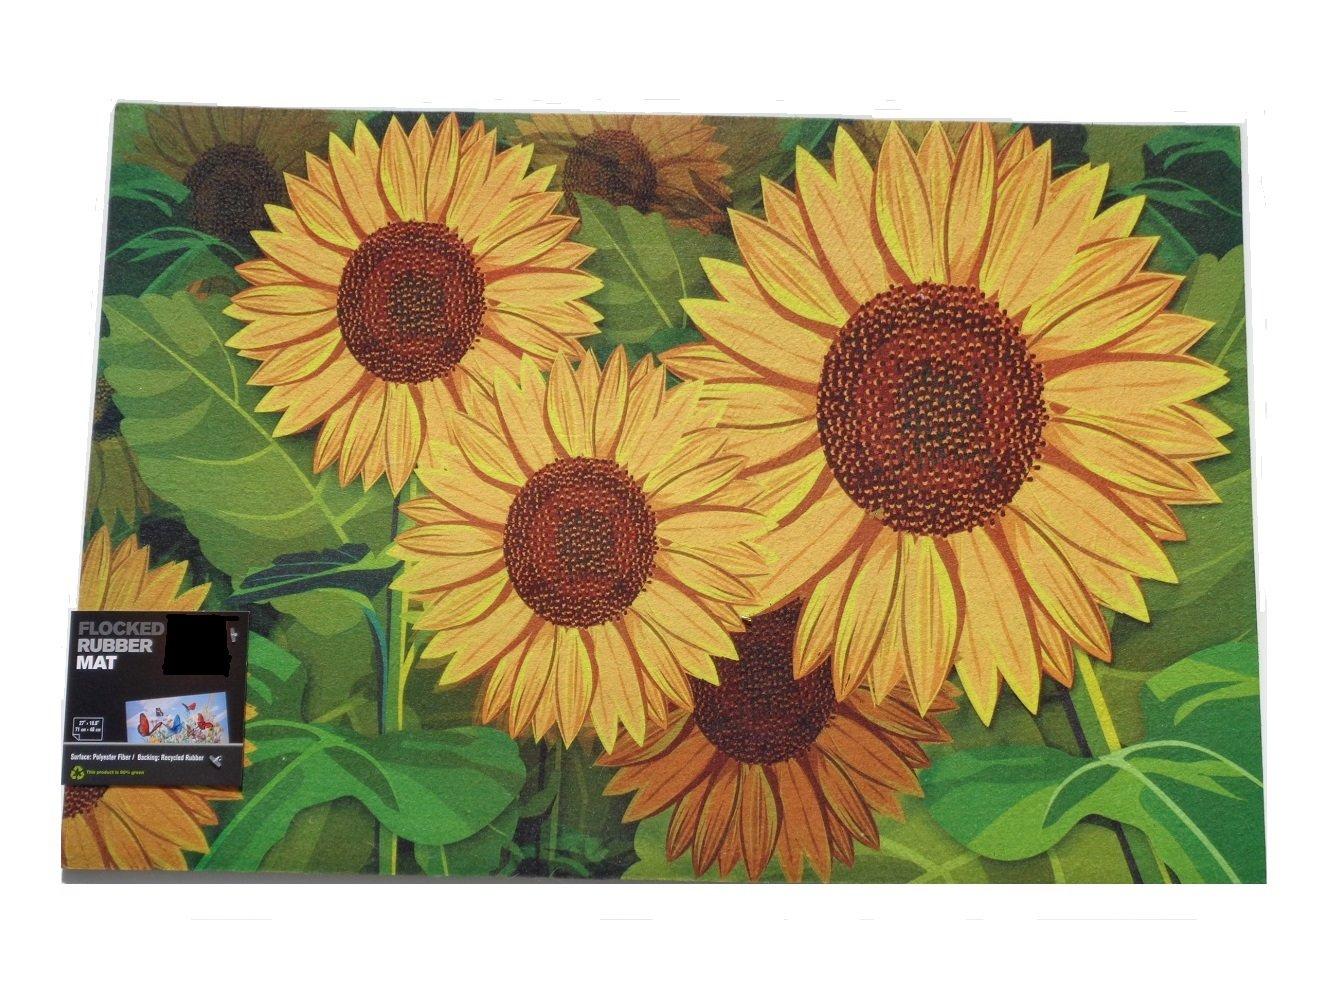 Sunflowers Doormat Outdoors Rug